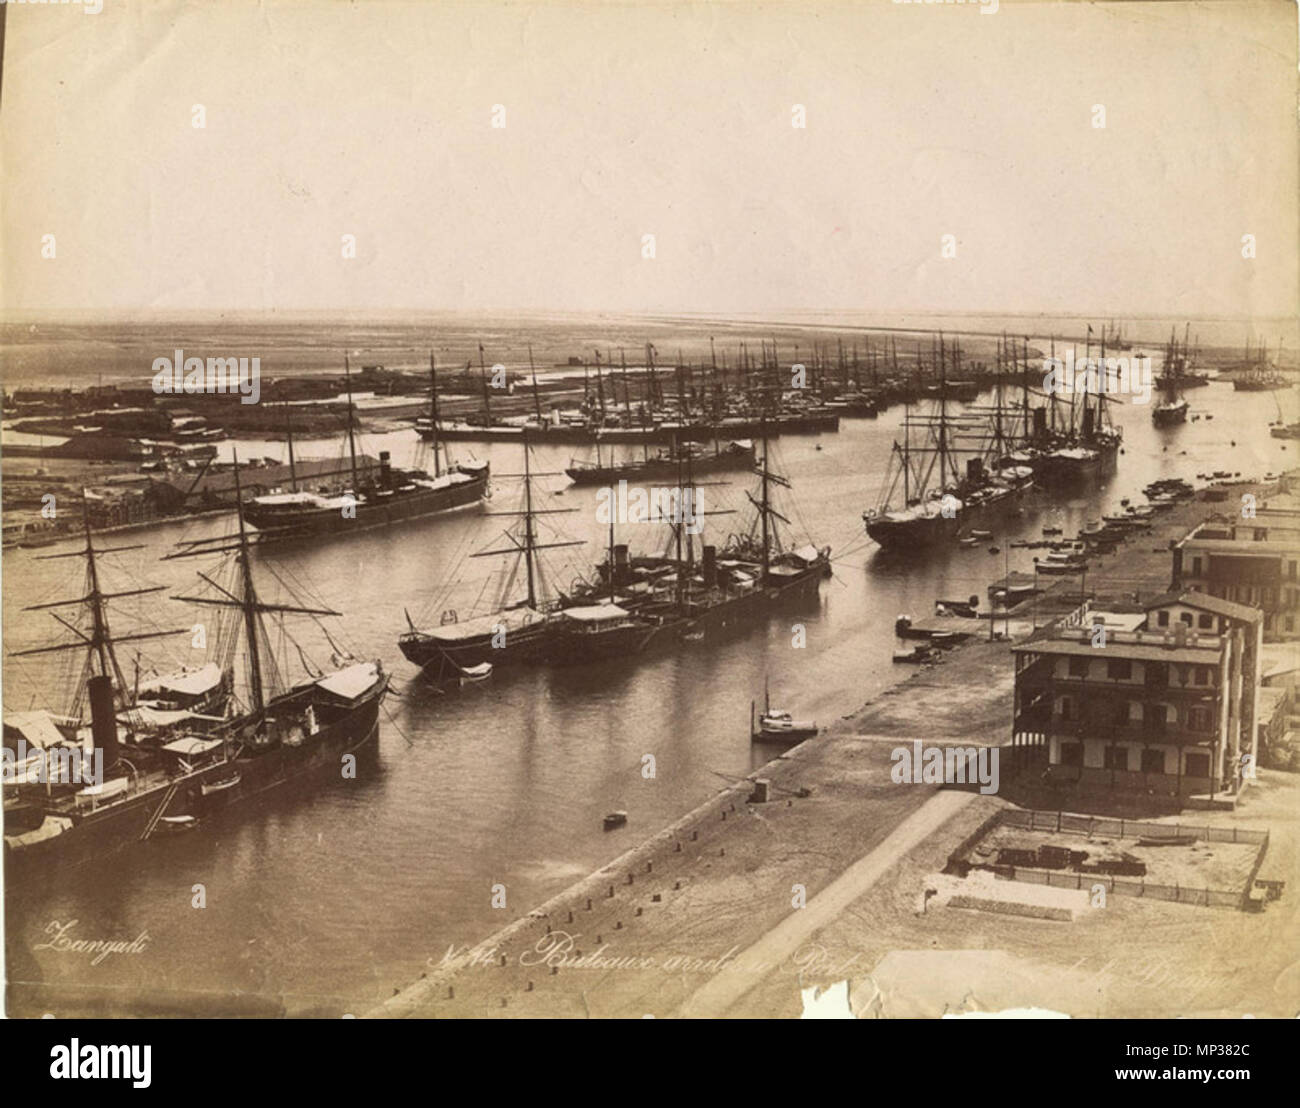 Français: Bateaux arretes ein Port S..... de Drague. 1880. Zangaki 1281  Zangaki. 0014. Bateaux arretes ein Port S..... de Drague